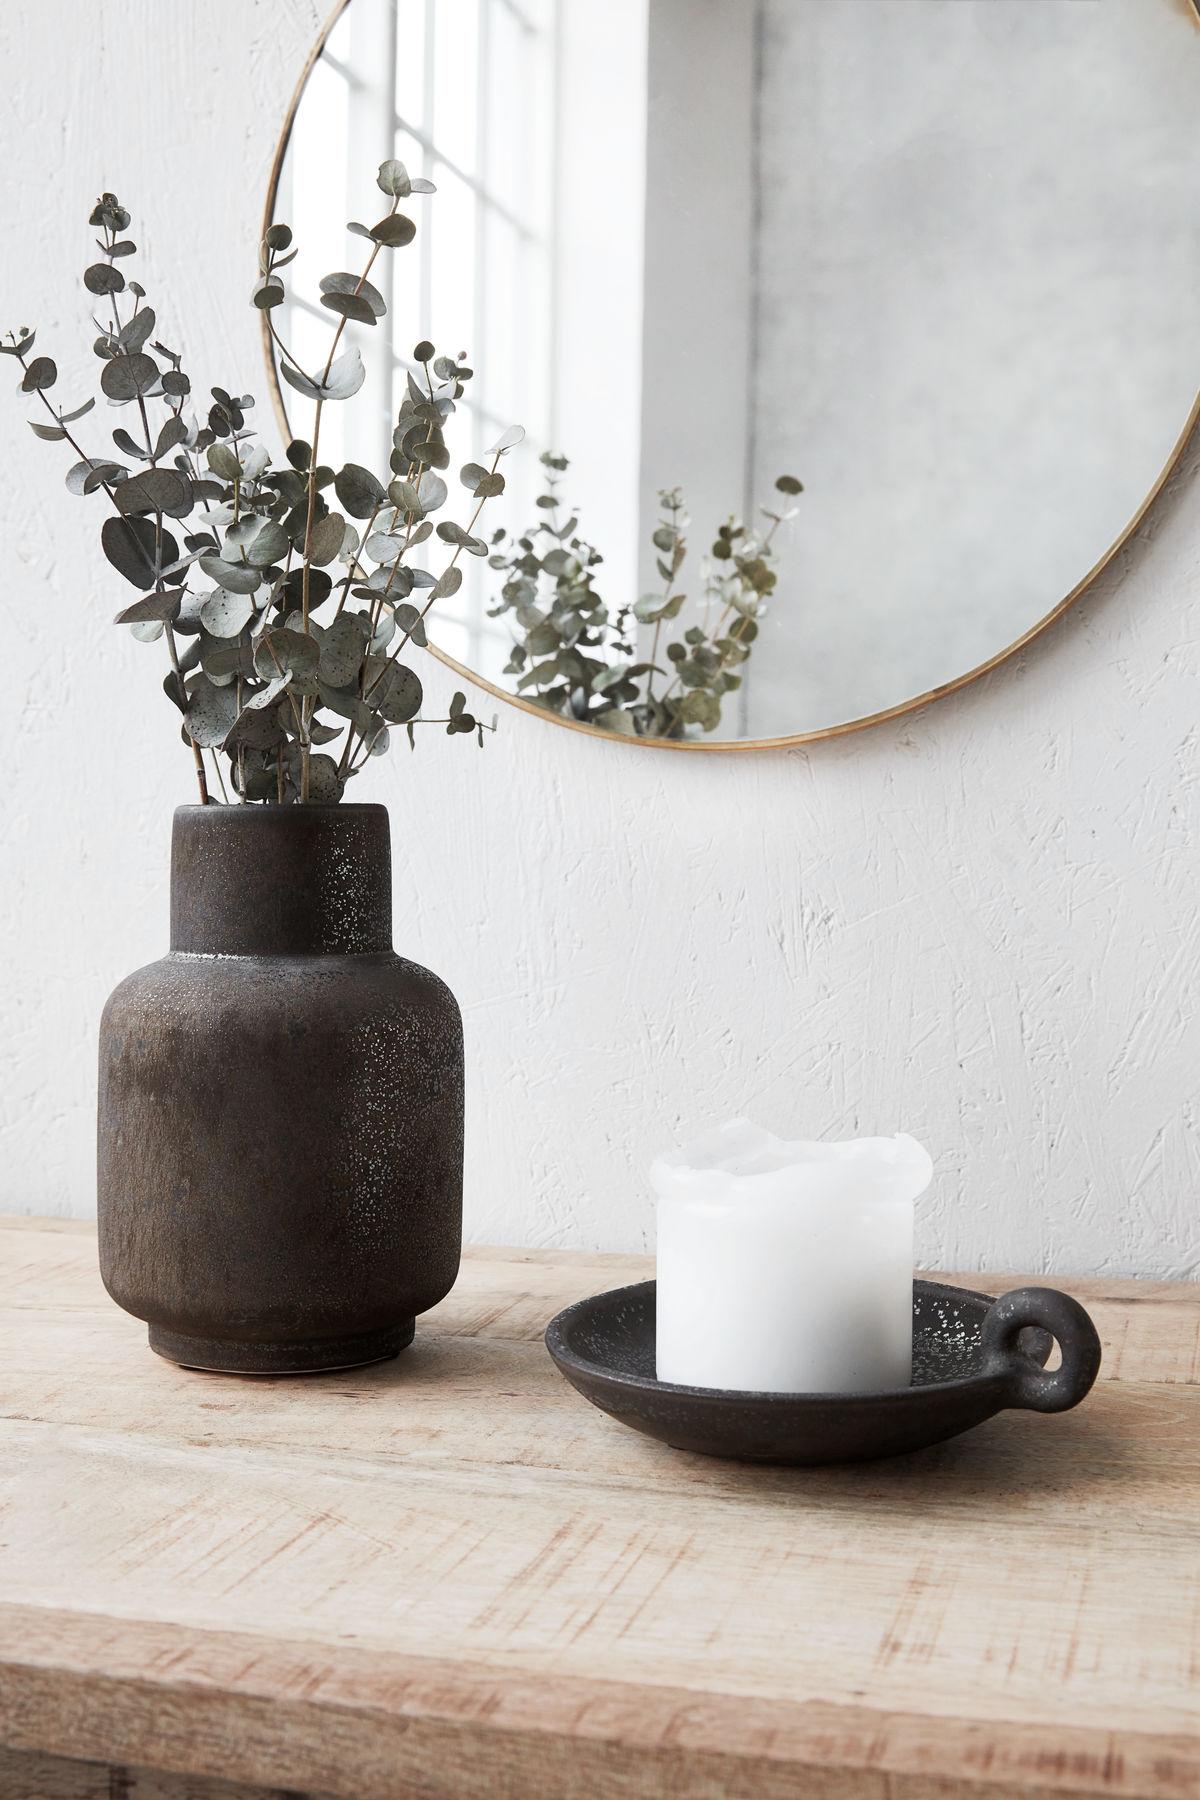 vase ruka sortnistret house doctor vaser thomsons. Black Bedroom Furniture Sets. Home Design Ideas